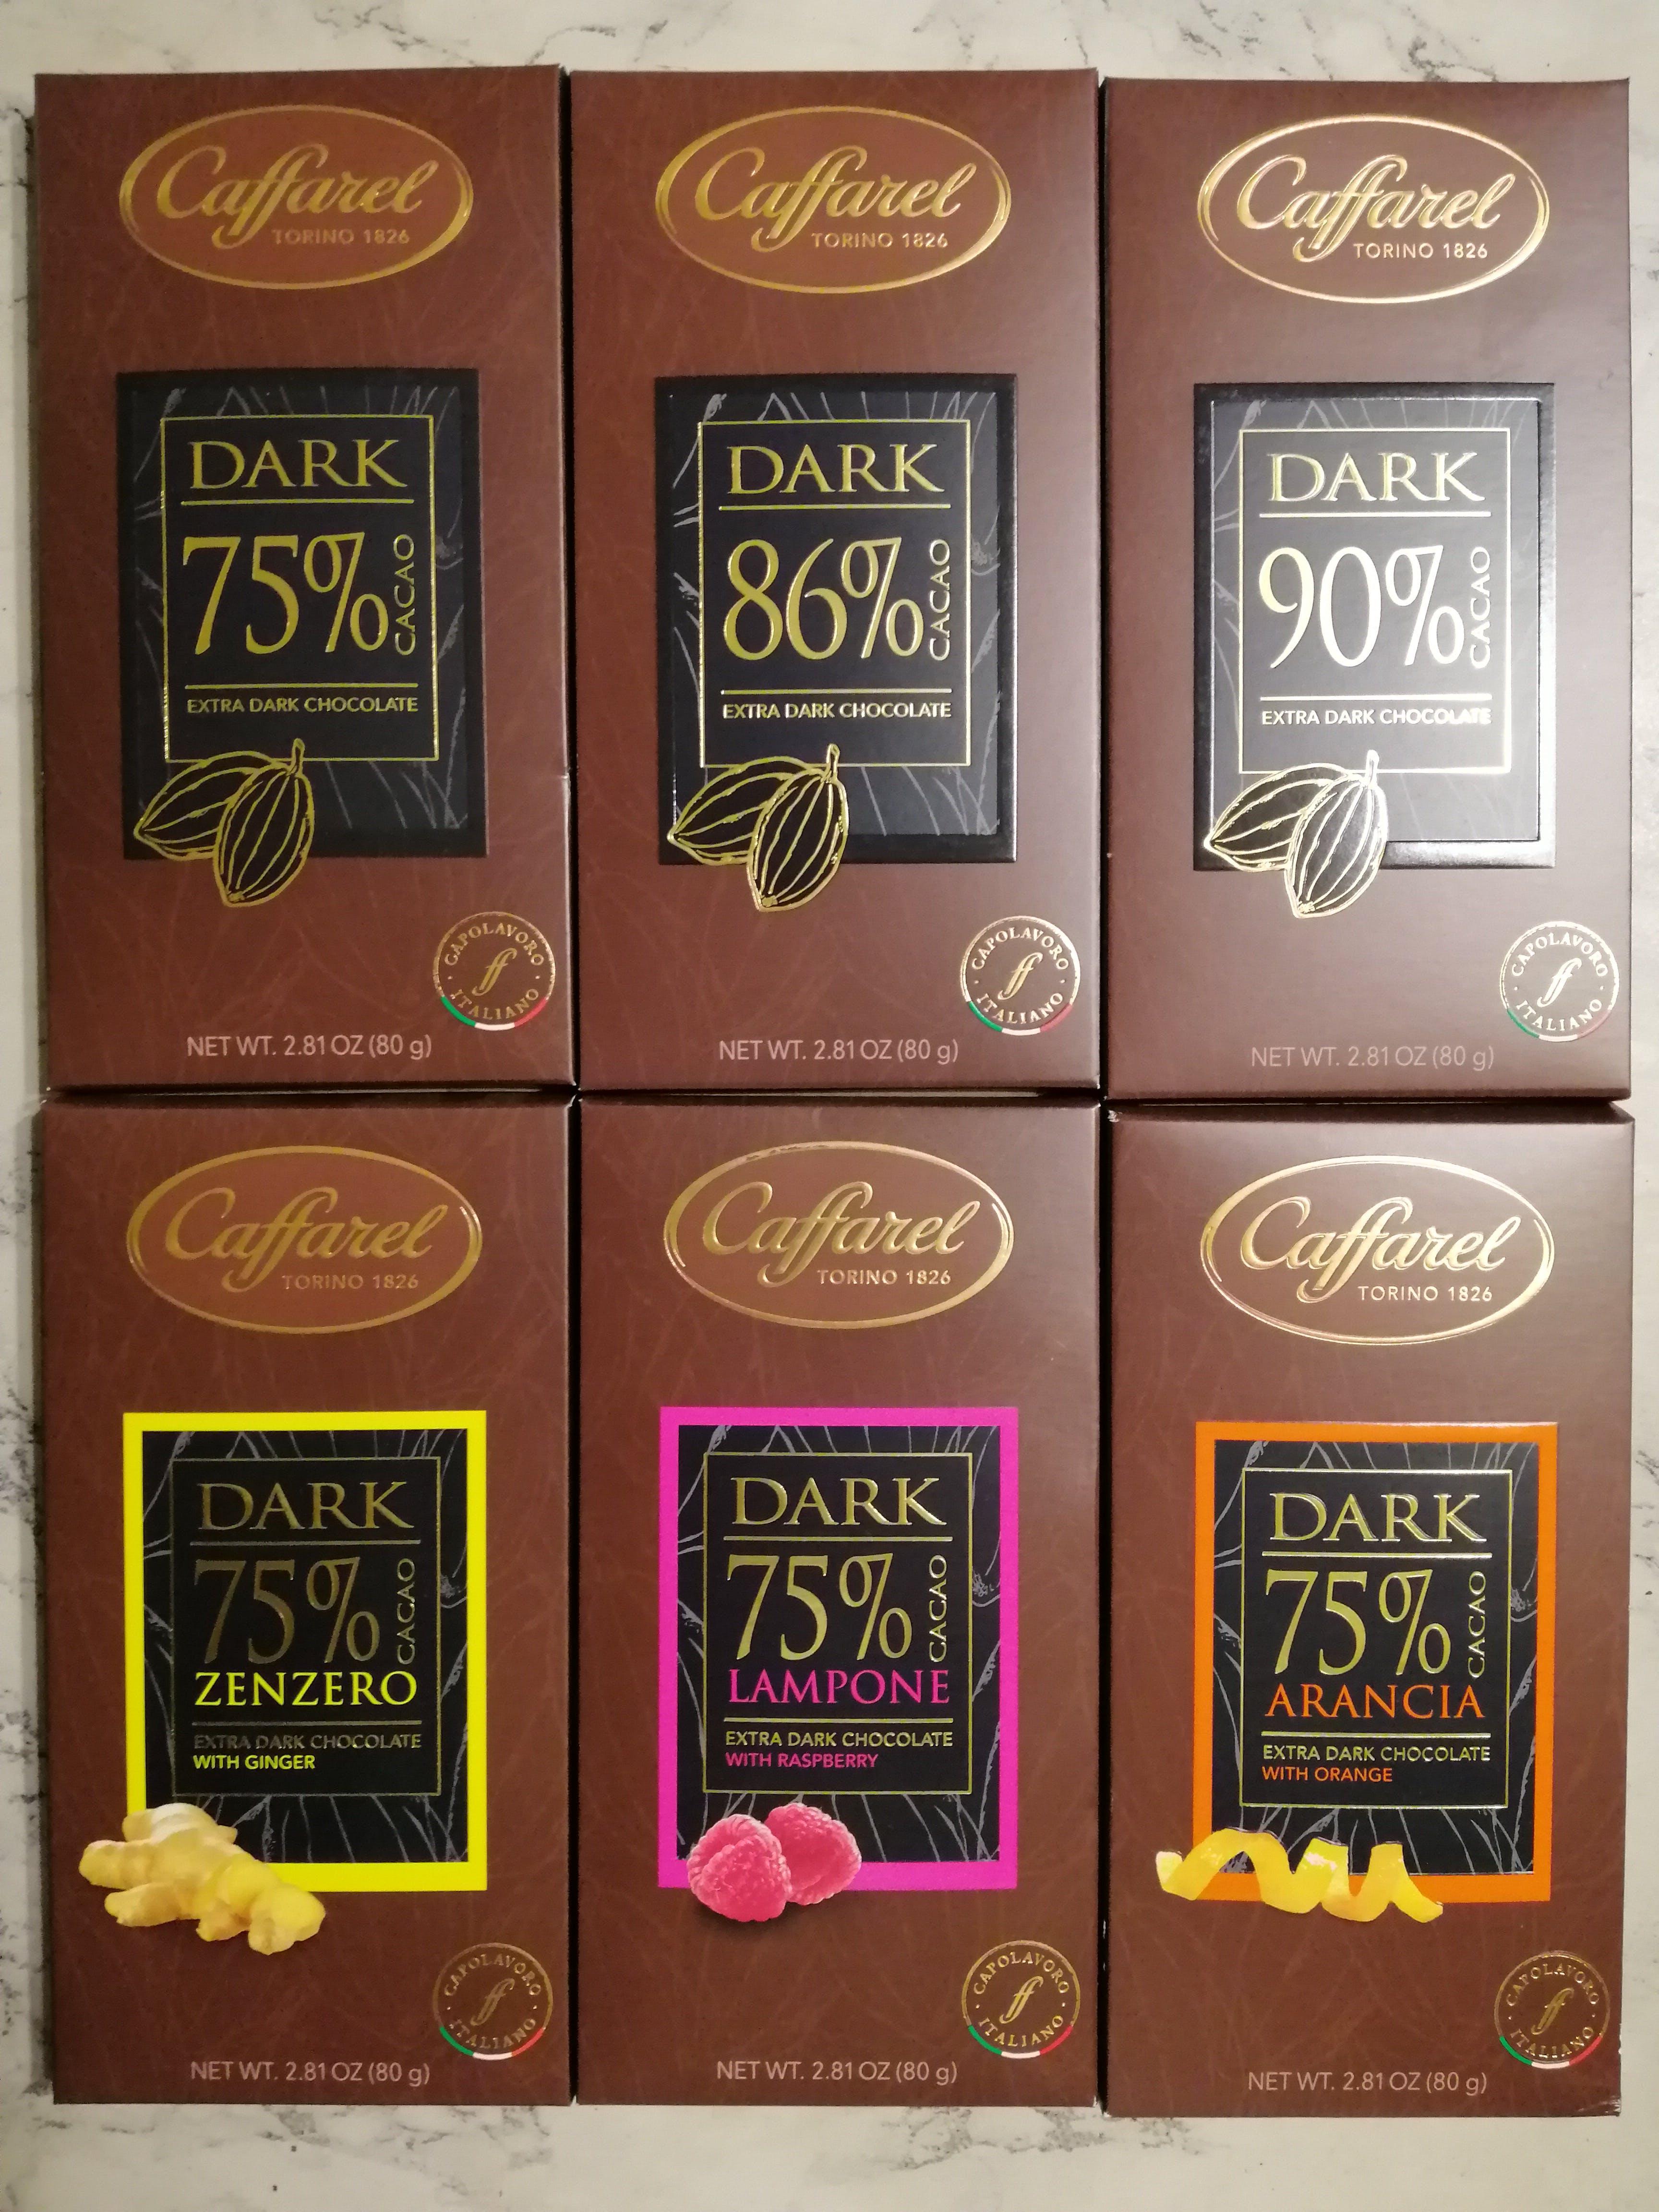 Caffarel, Tavoletta Dark 75%